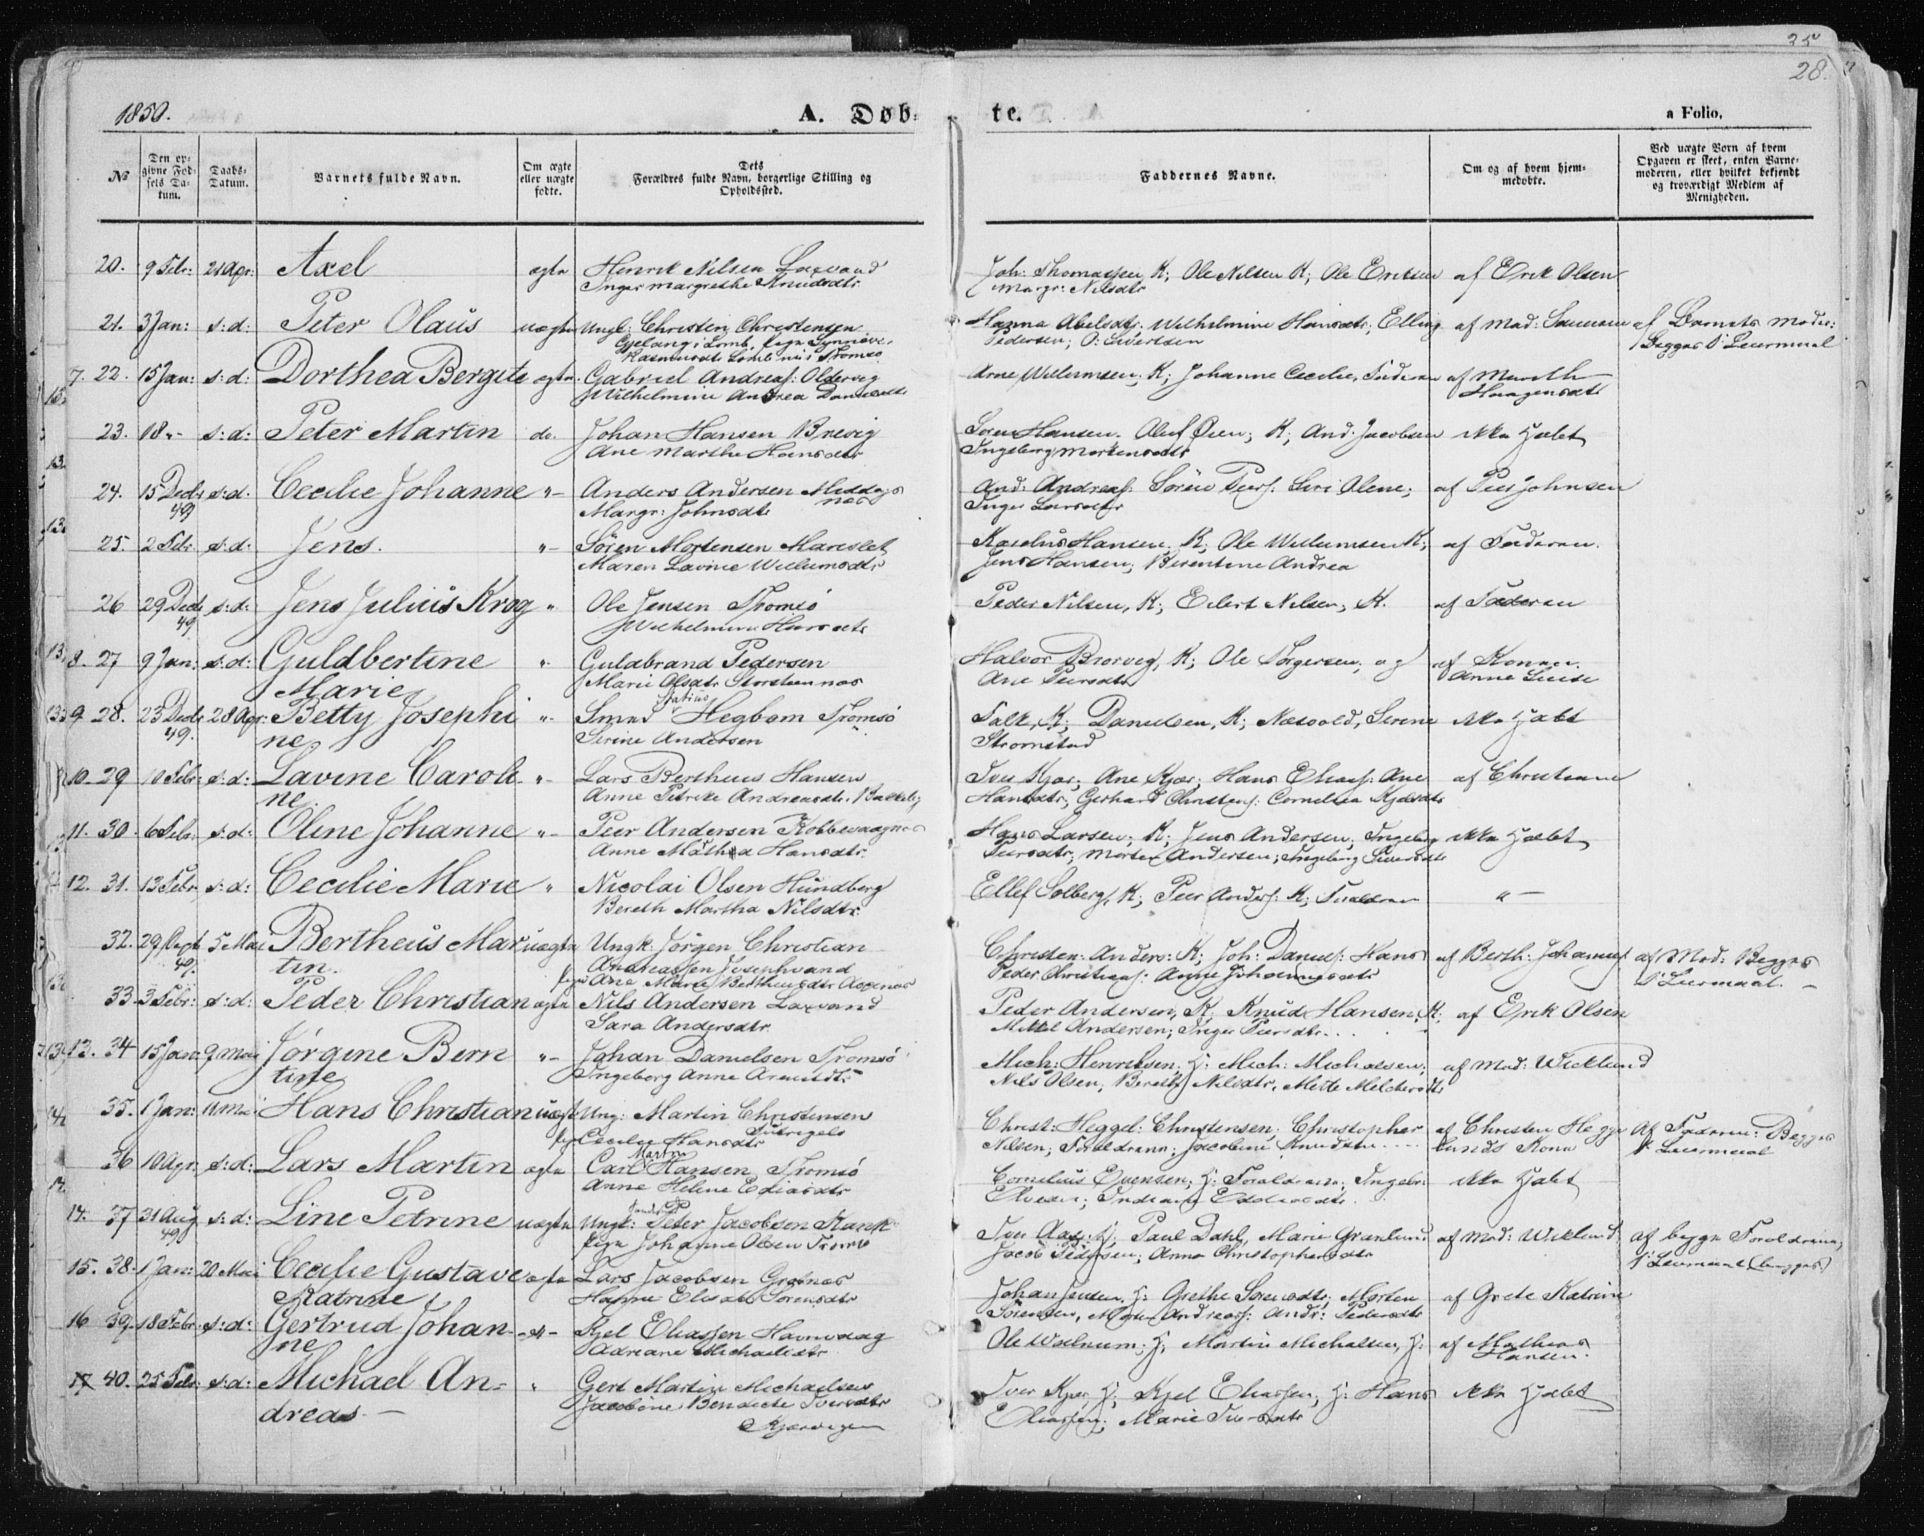 SATØ, Tromsø sokneprestkontor/stiftsprosti/domprosti, G/Ga/L0010kirke: Ministerialbok nr. 10, 1848-1855, s. 28